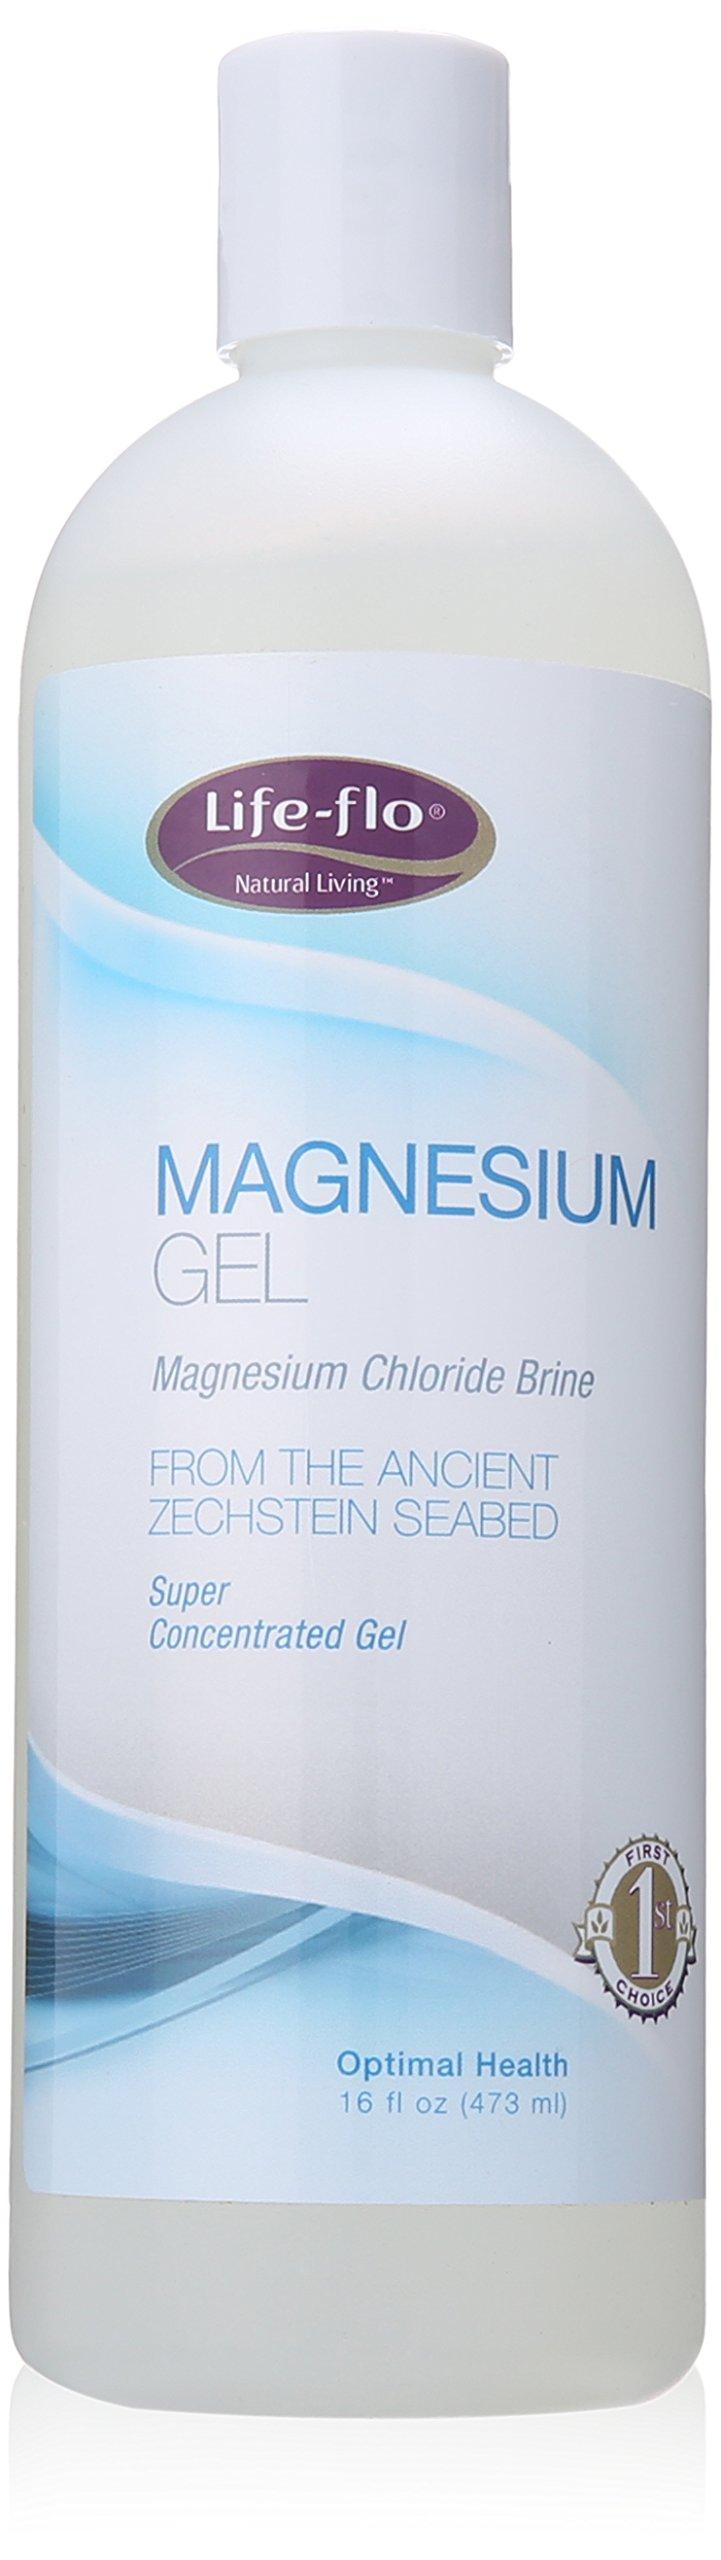 Life-Flo Magnesium Body Gel, 16 Ounce